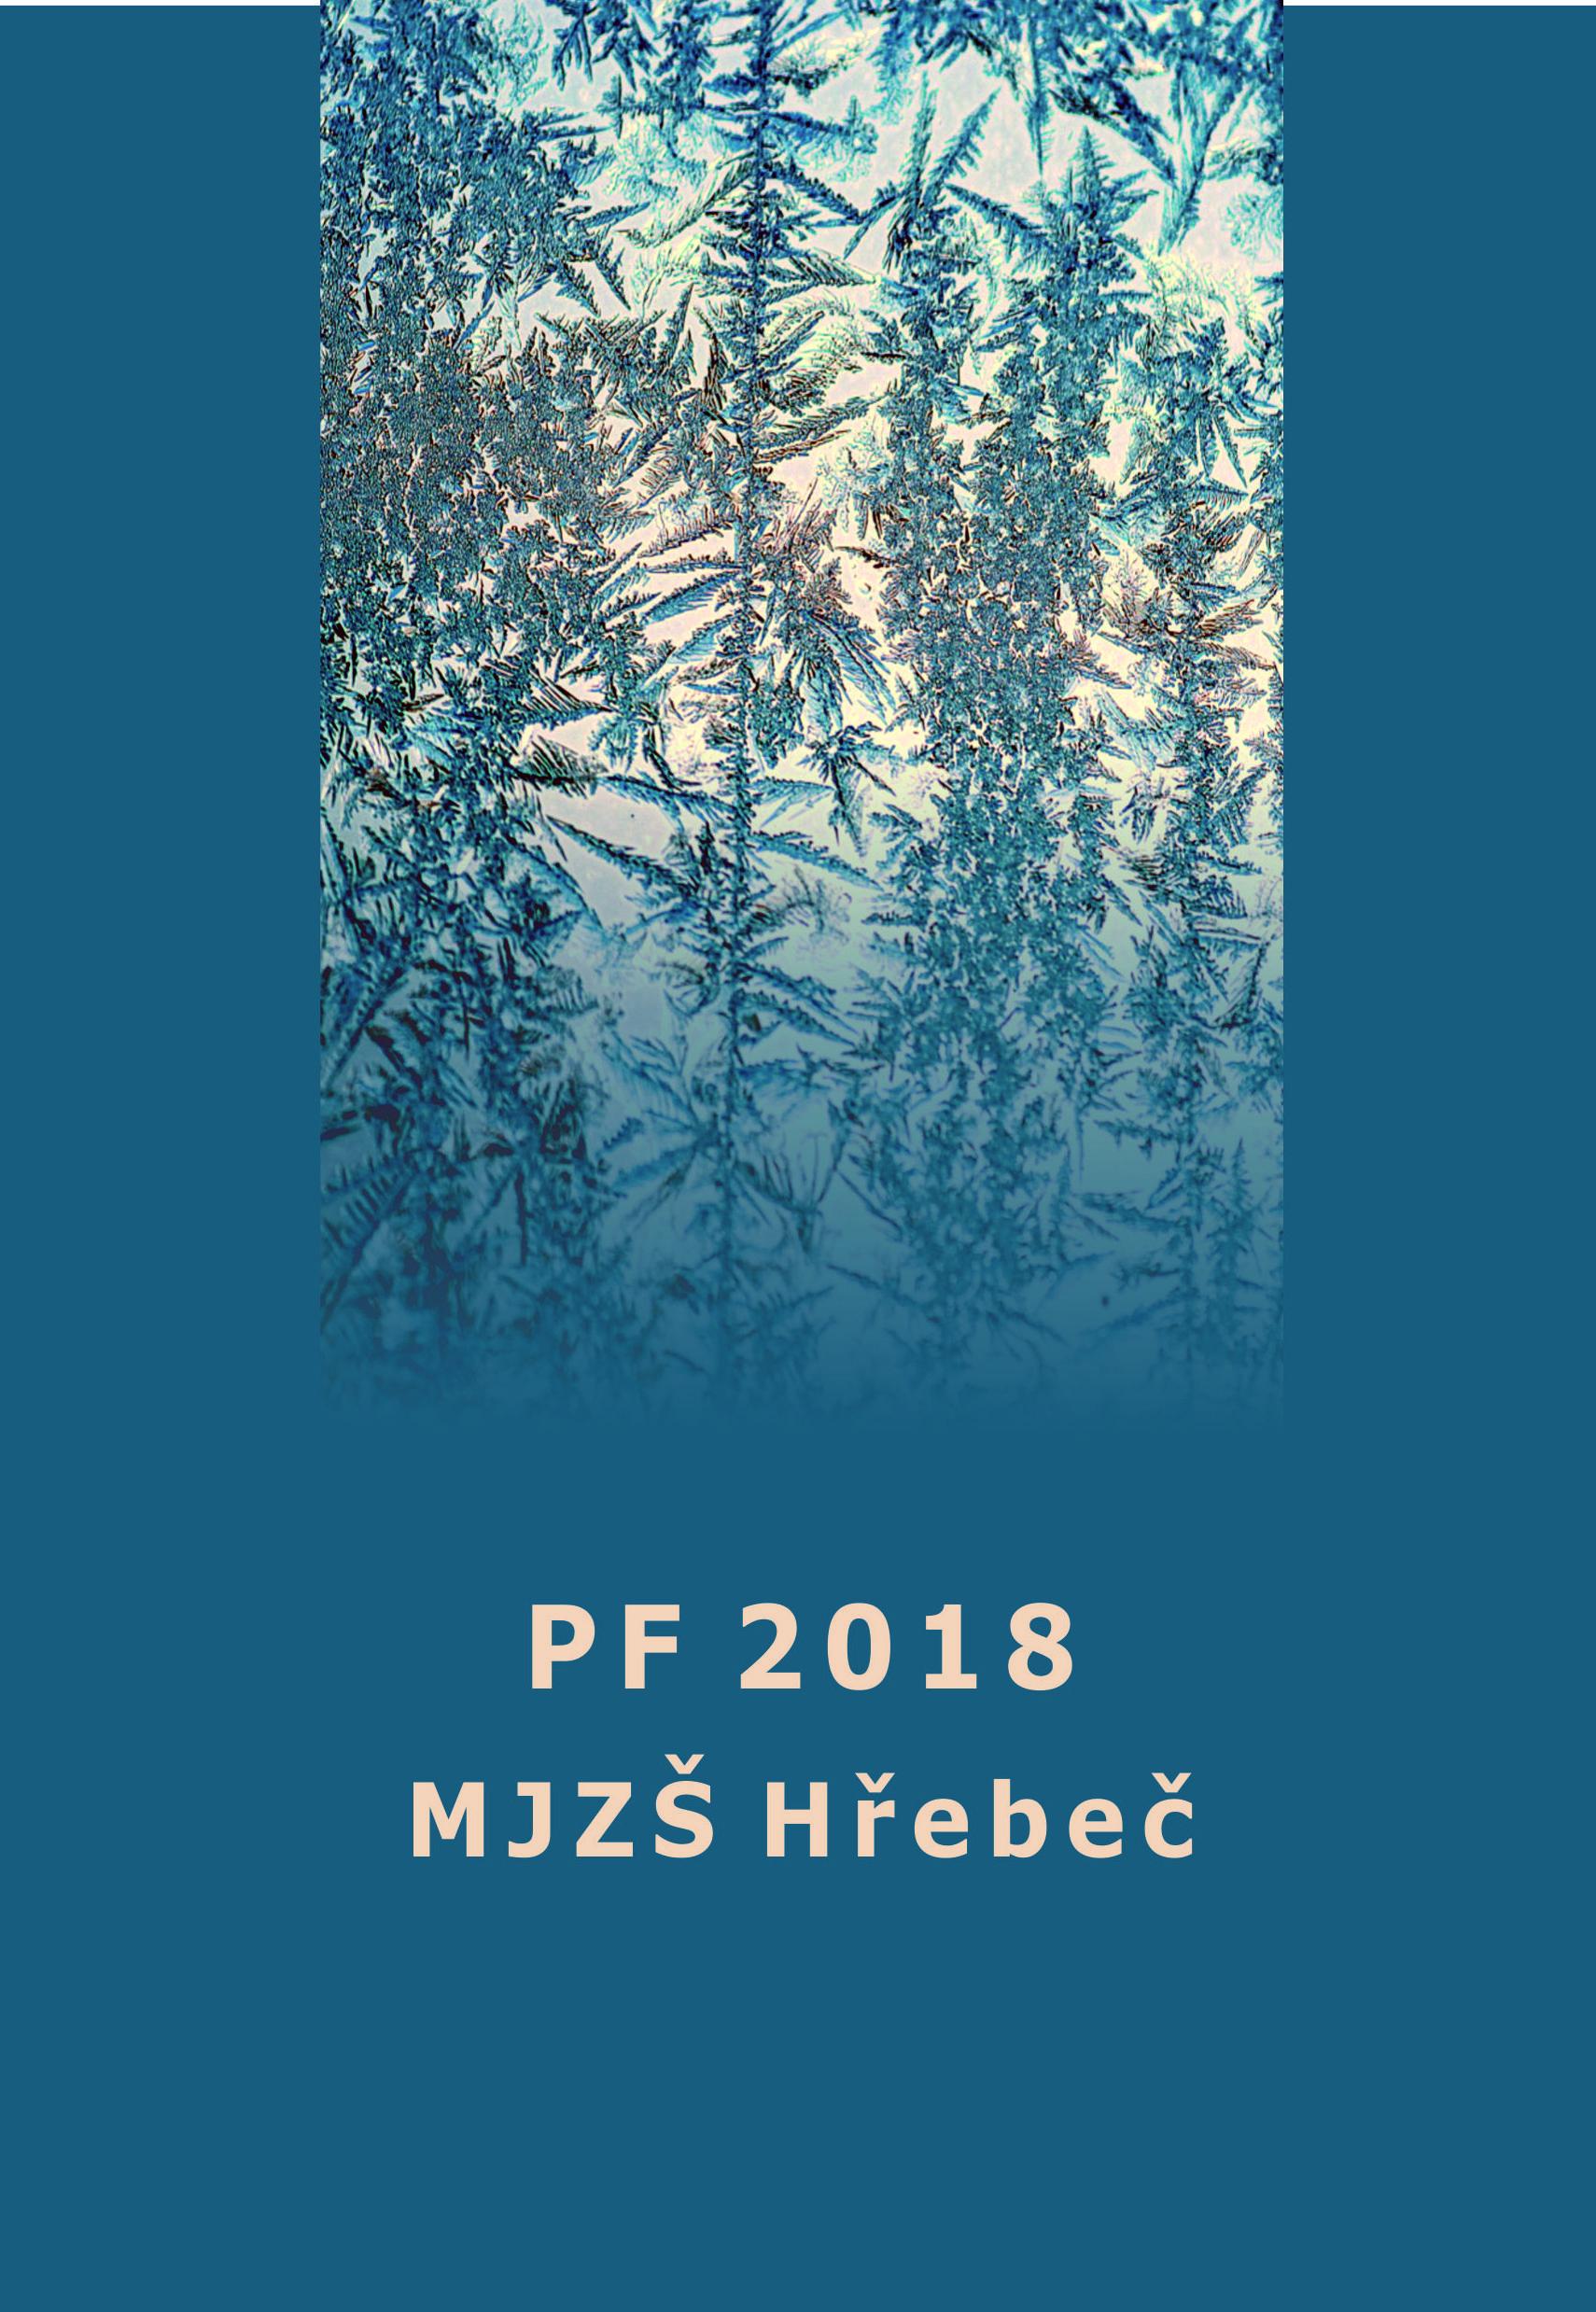 20171221 PF2018B